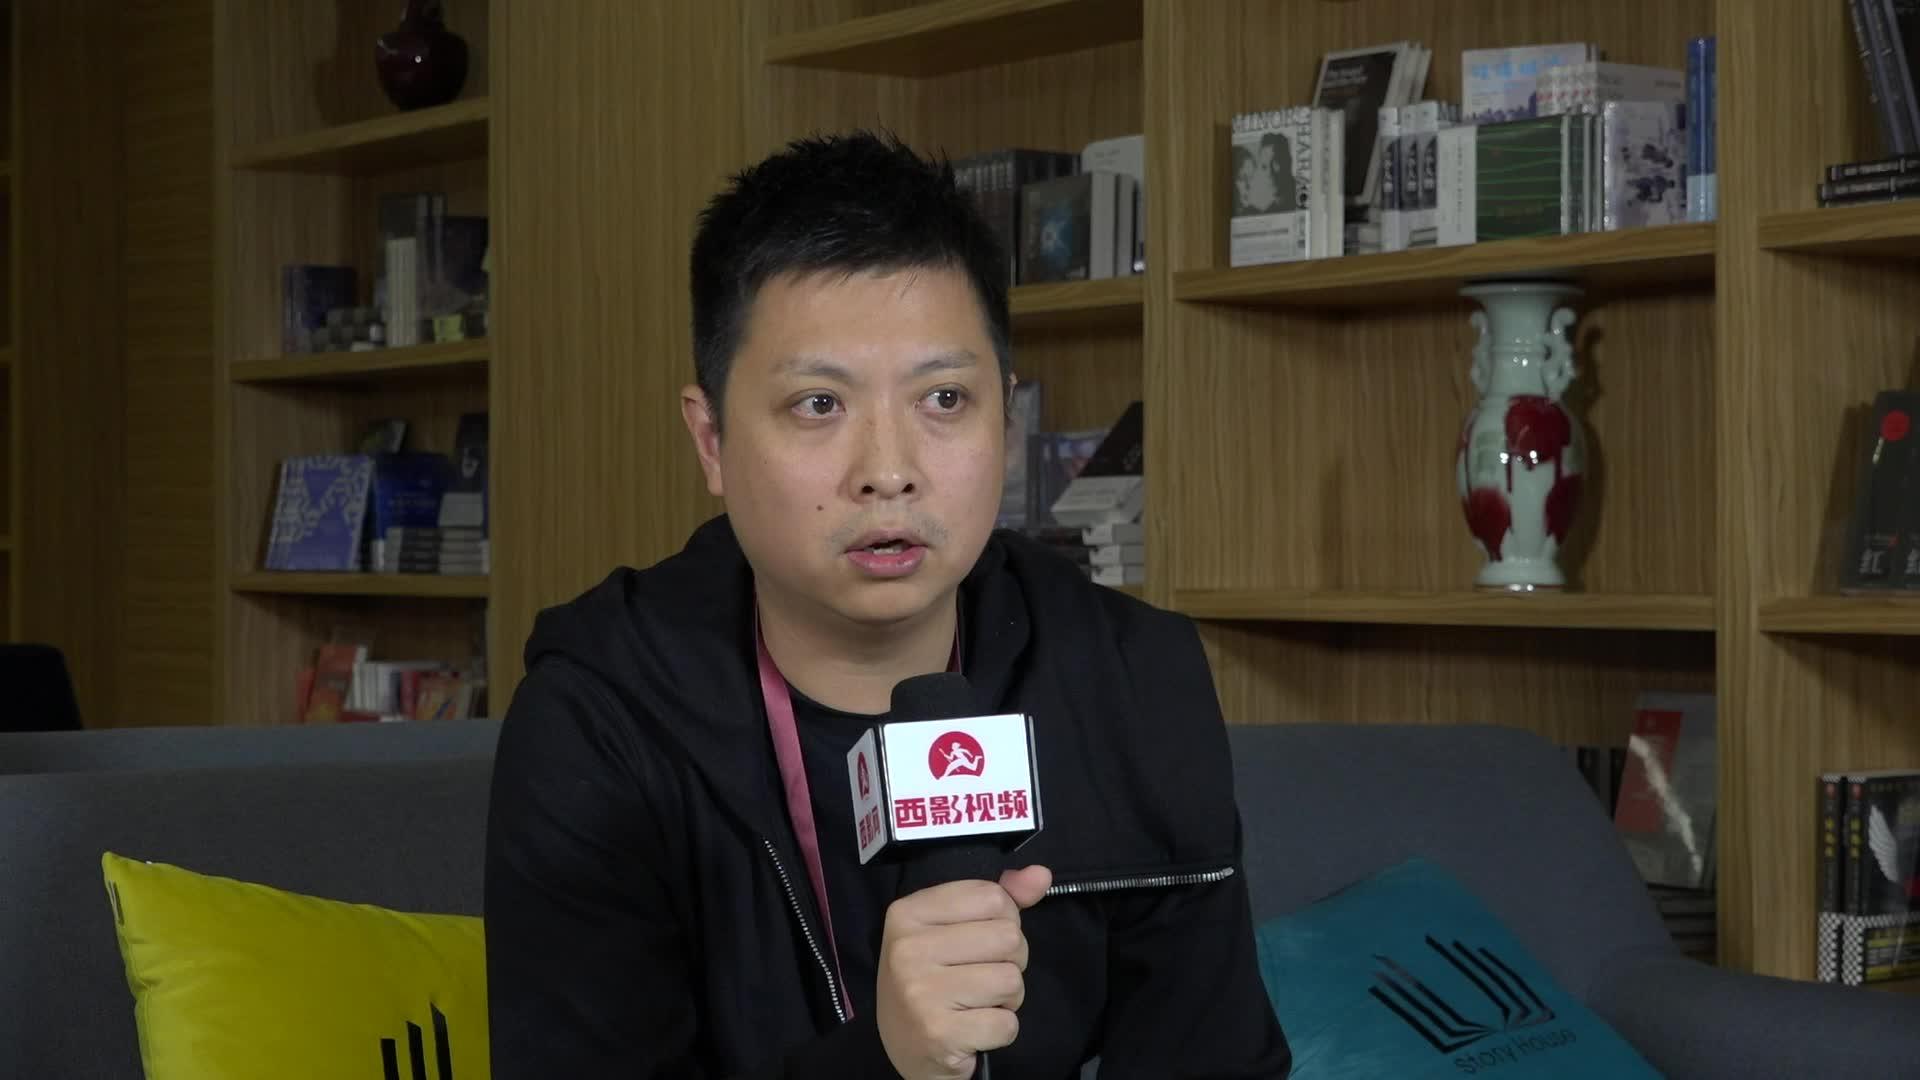 《白蛇:缘起》导演赵霁:从身边事出发,寻找好故事